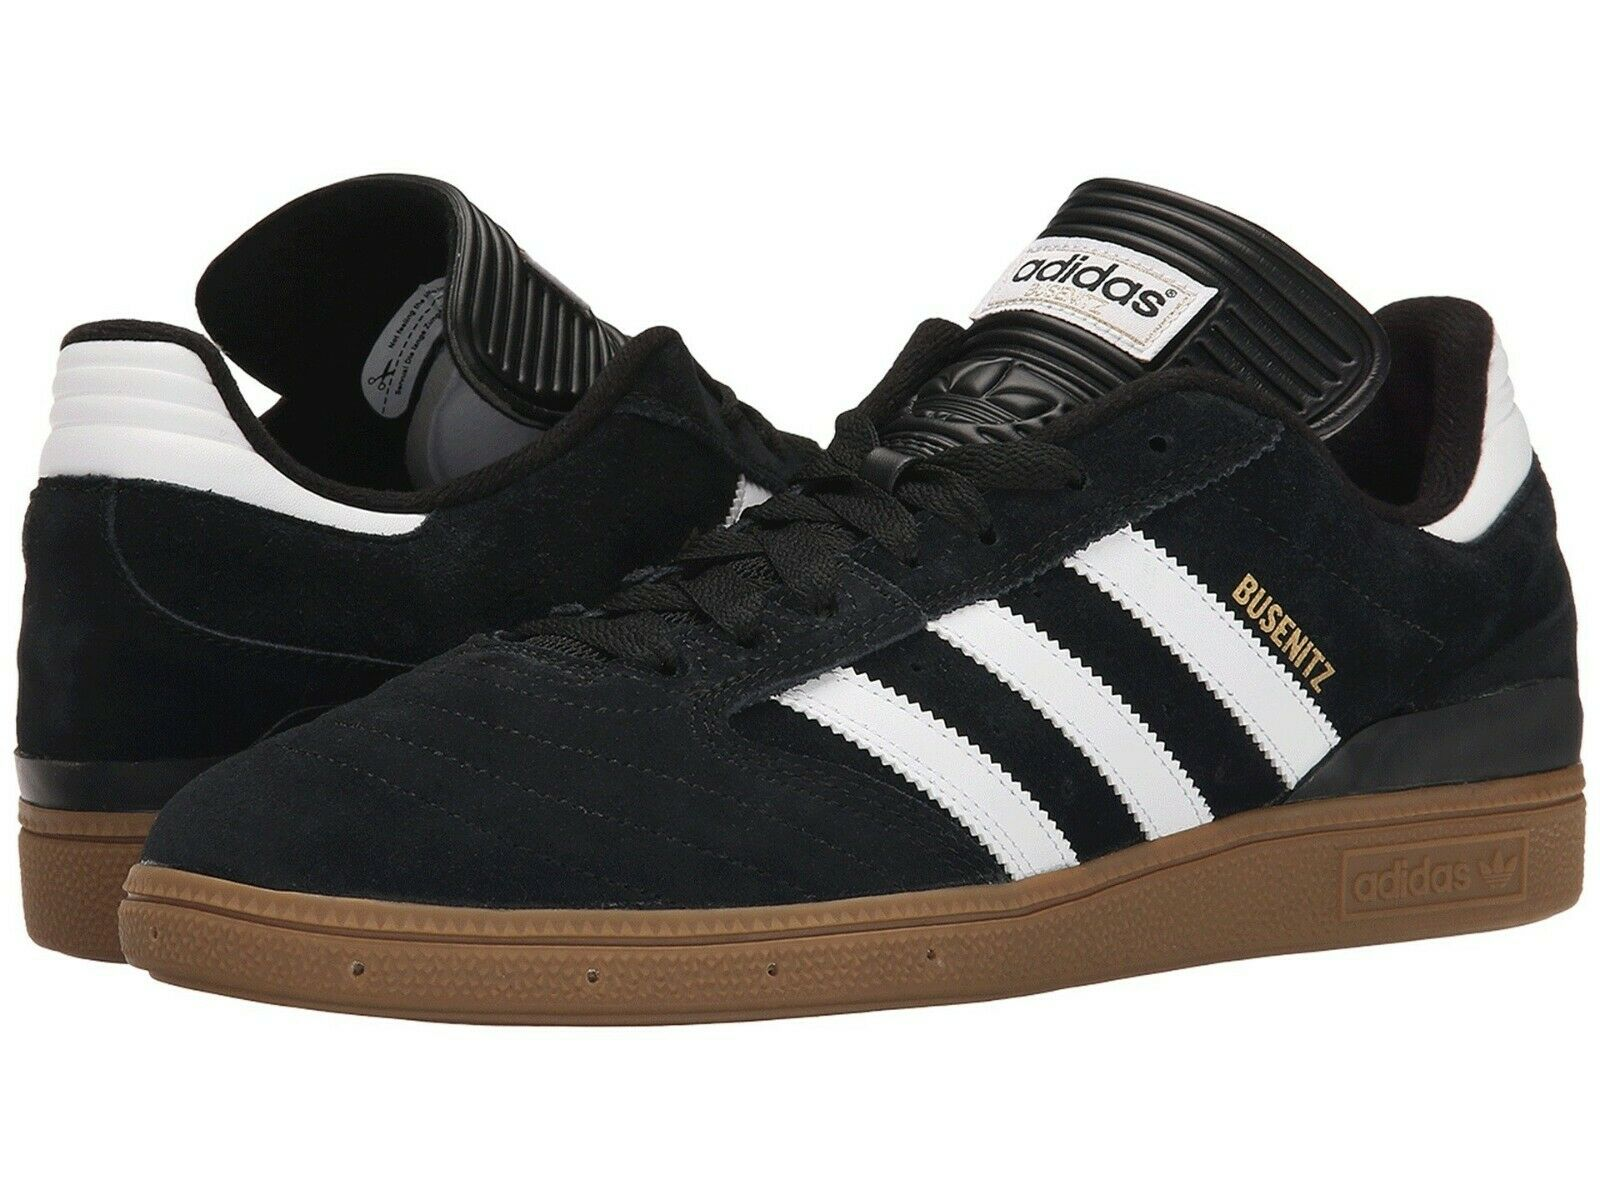 Plantación tramo Currículum  Men's Shoes SNEAKERS adidas Dragon G50919 UK 9 5 for sale online | eBay